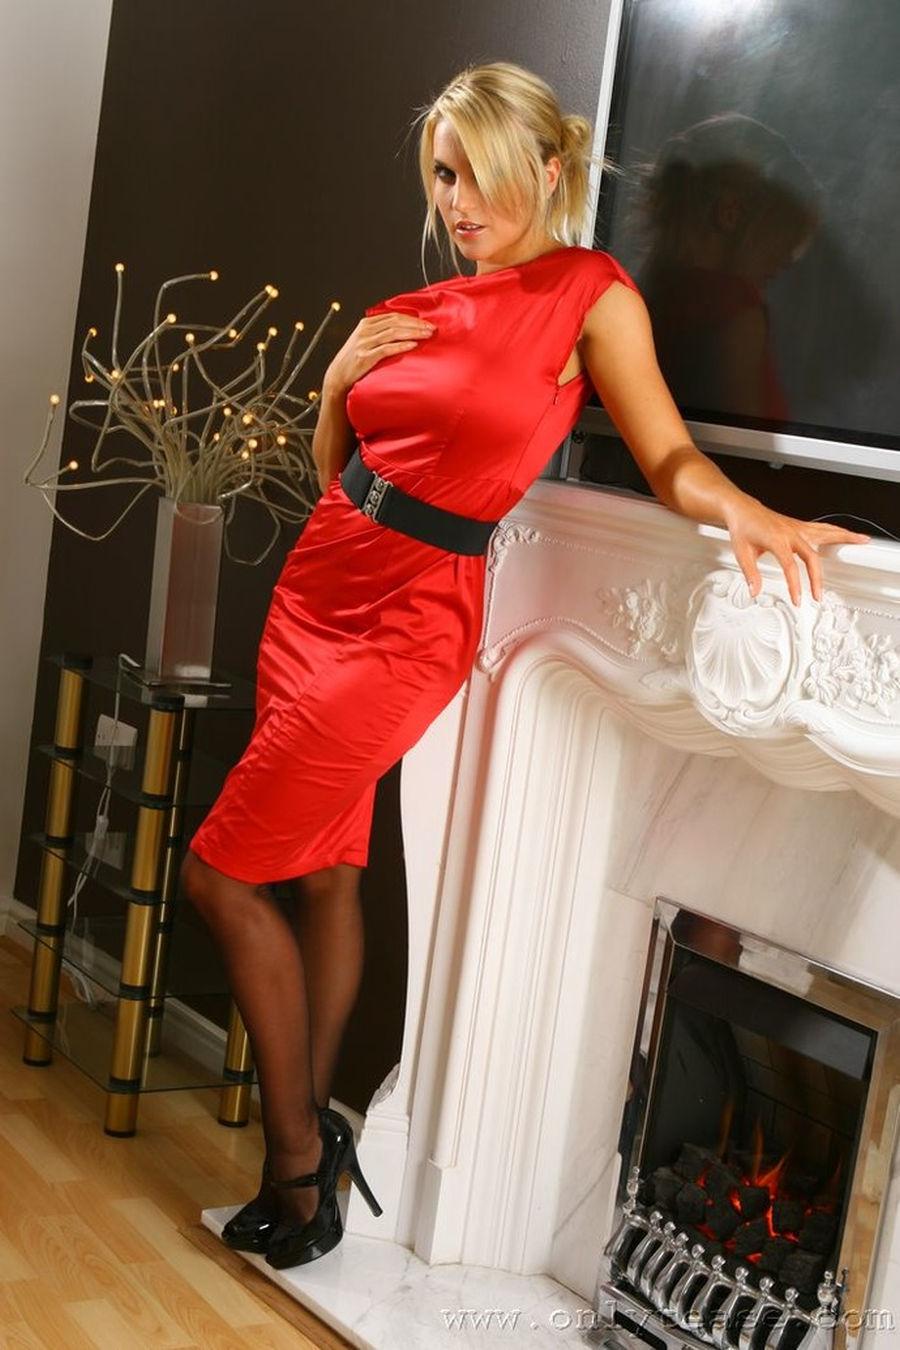 Kayleigh-Pearson-hoge-hakken-lingerie-rode-jurk-02